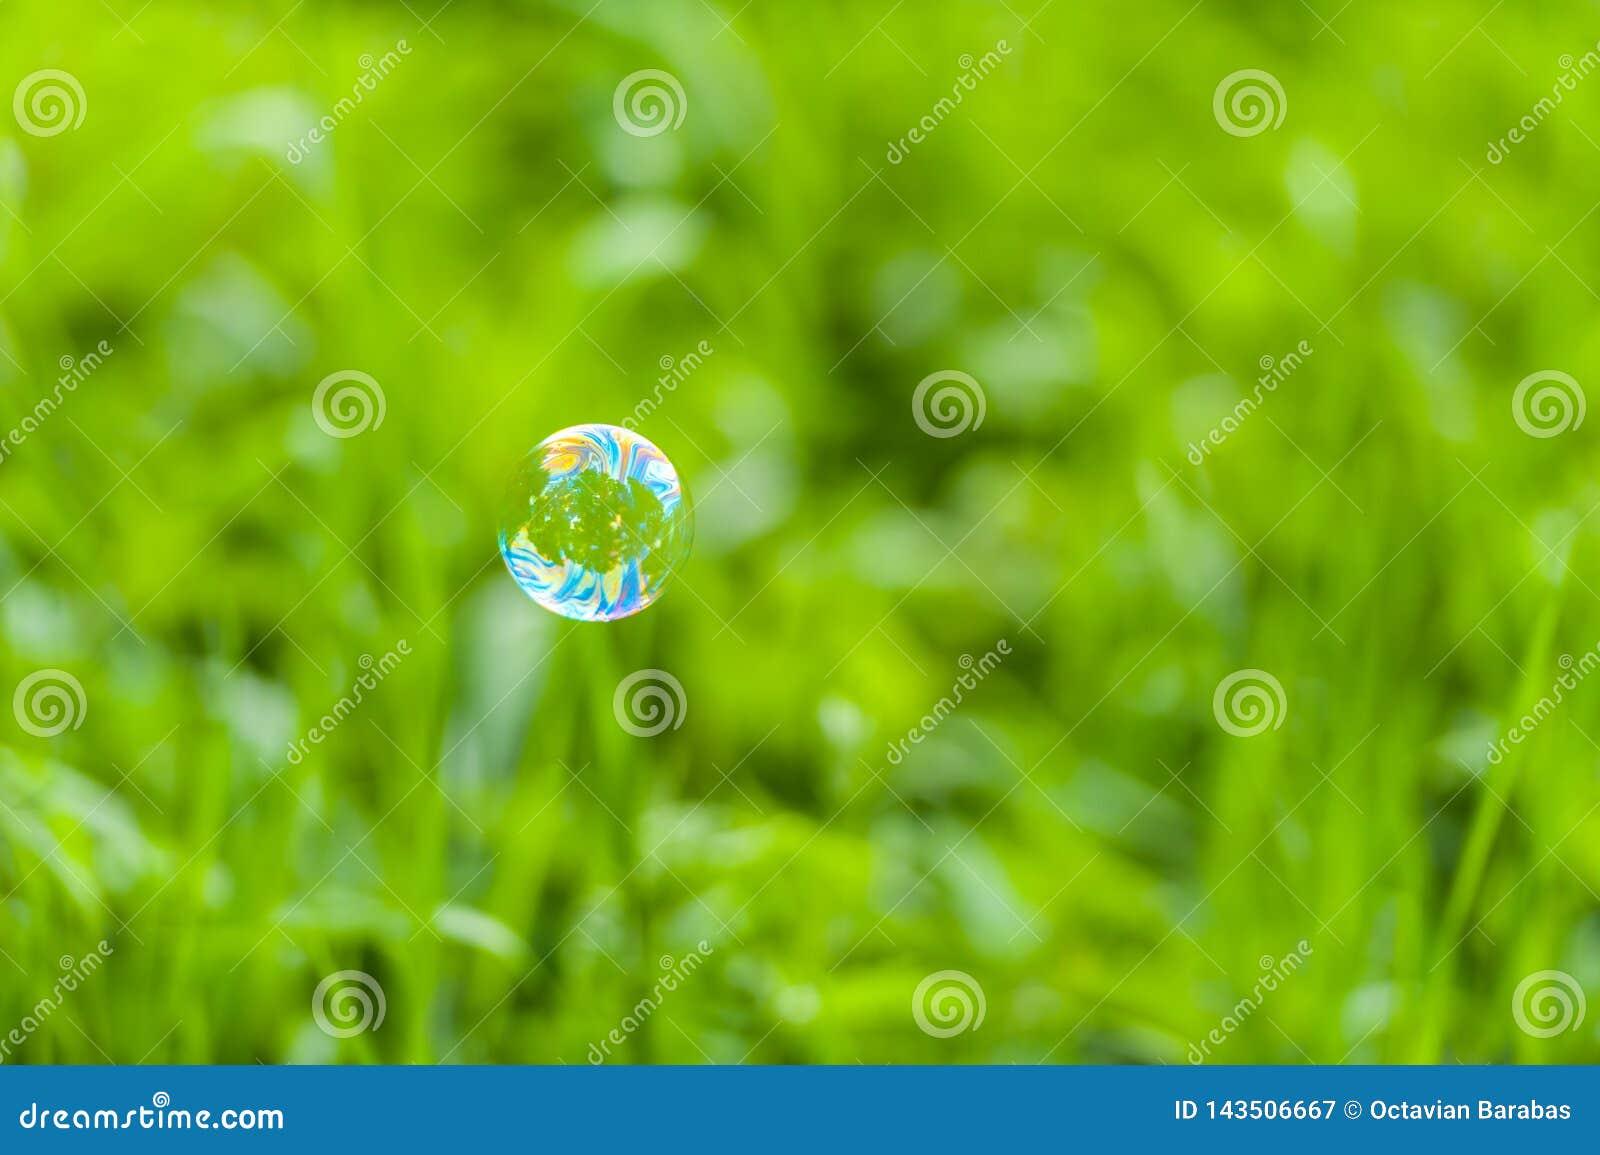 Bulle de savon devant le fond vert